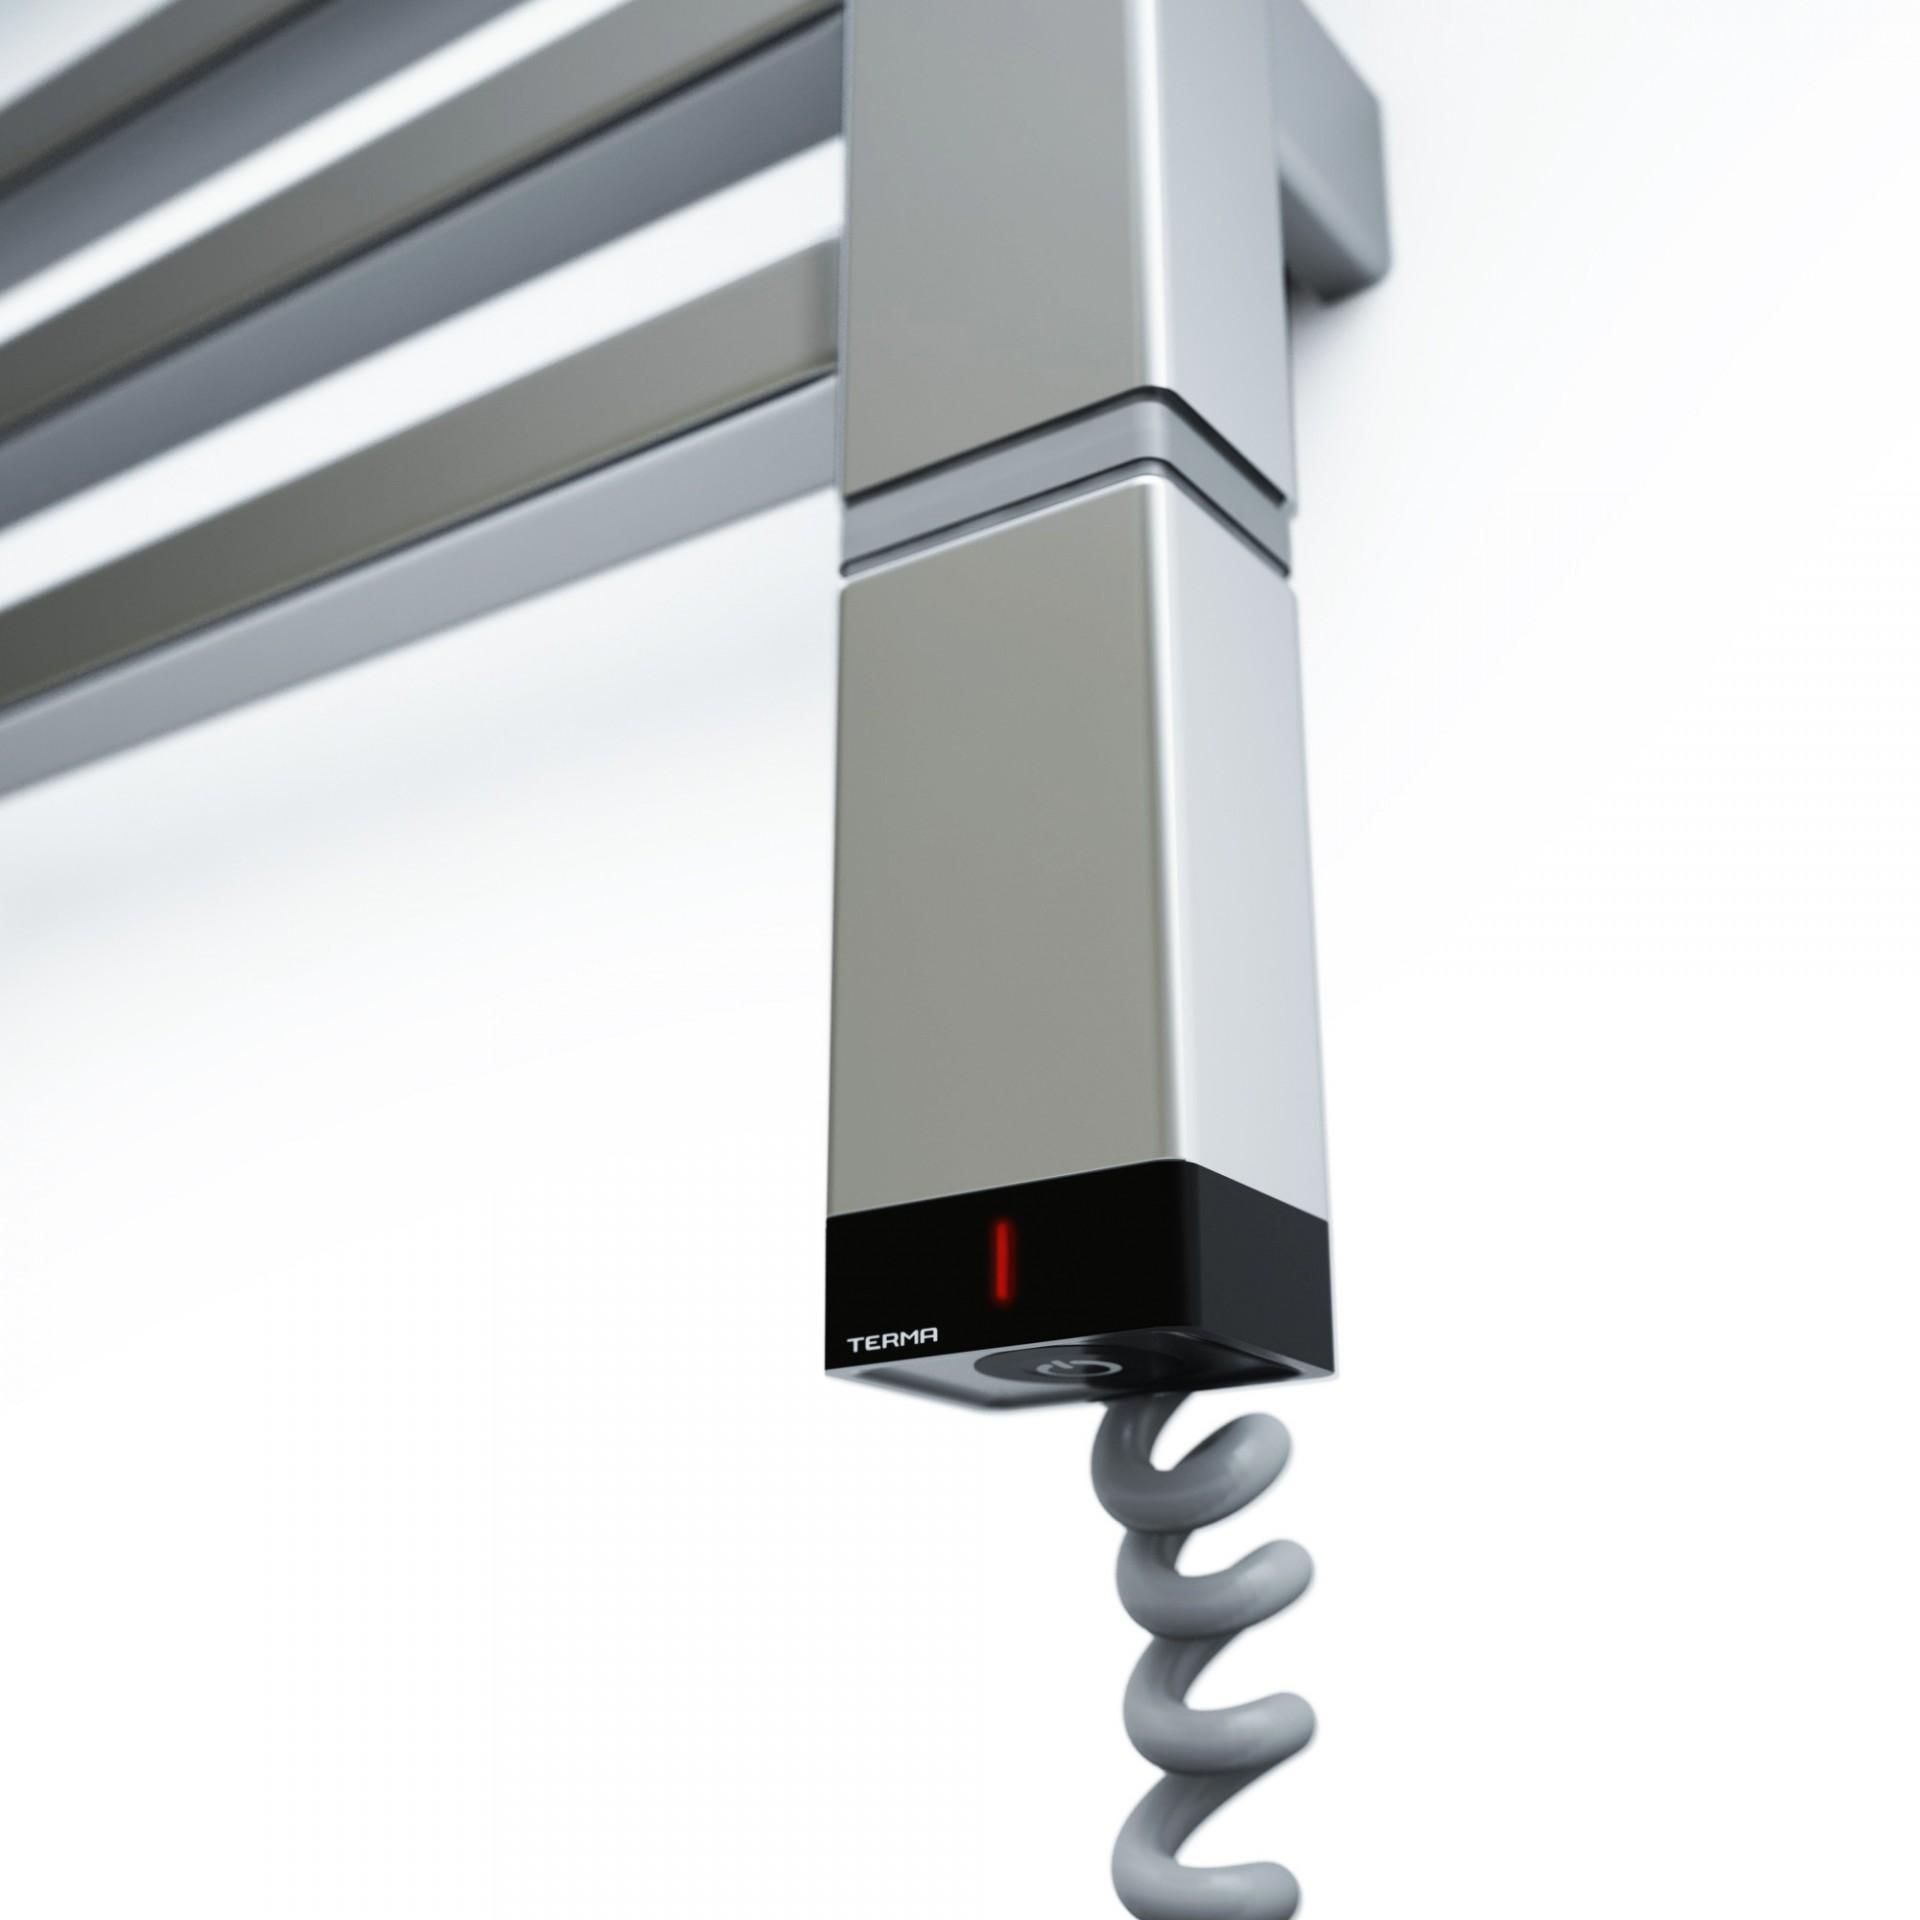 Θερμοστάτης & Θερμική Αντίσταση TERMA ONE P 30x40